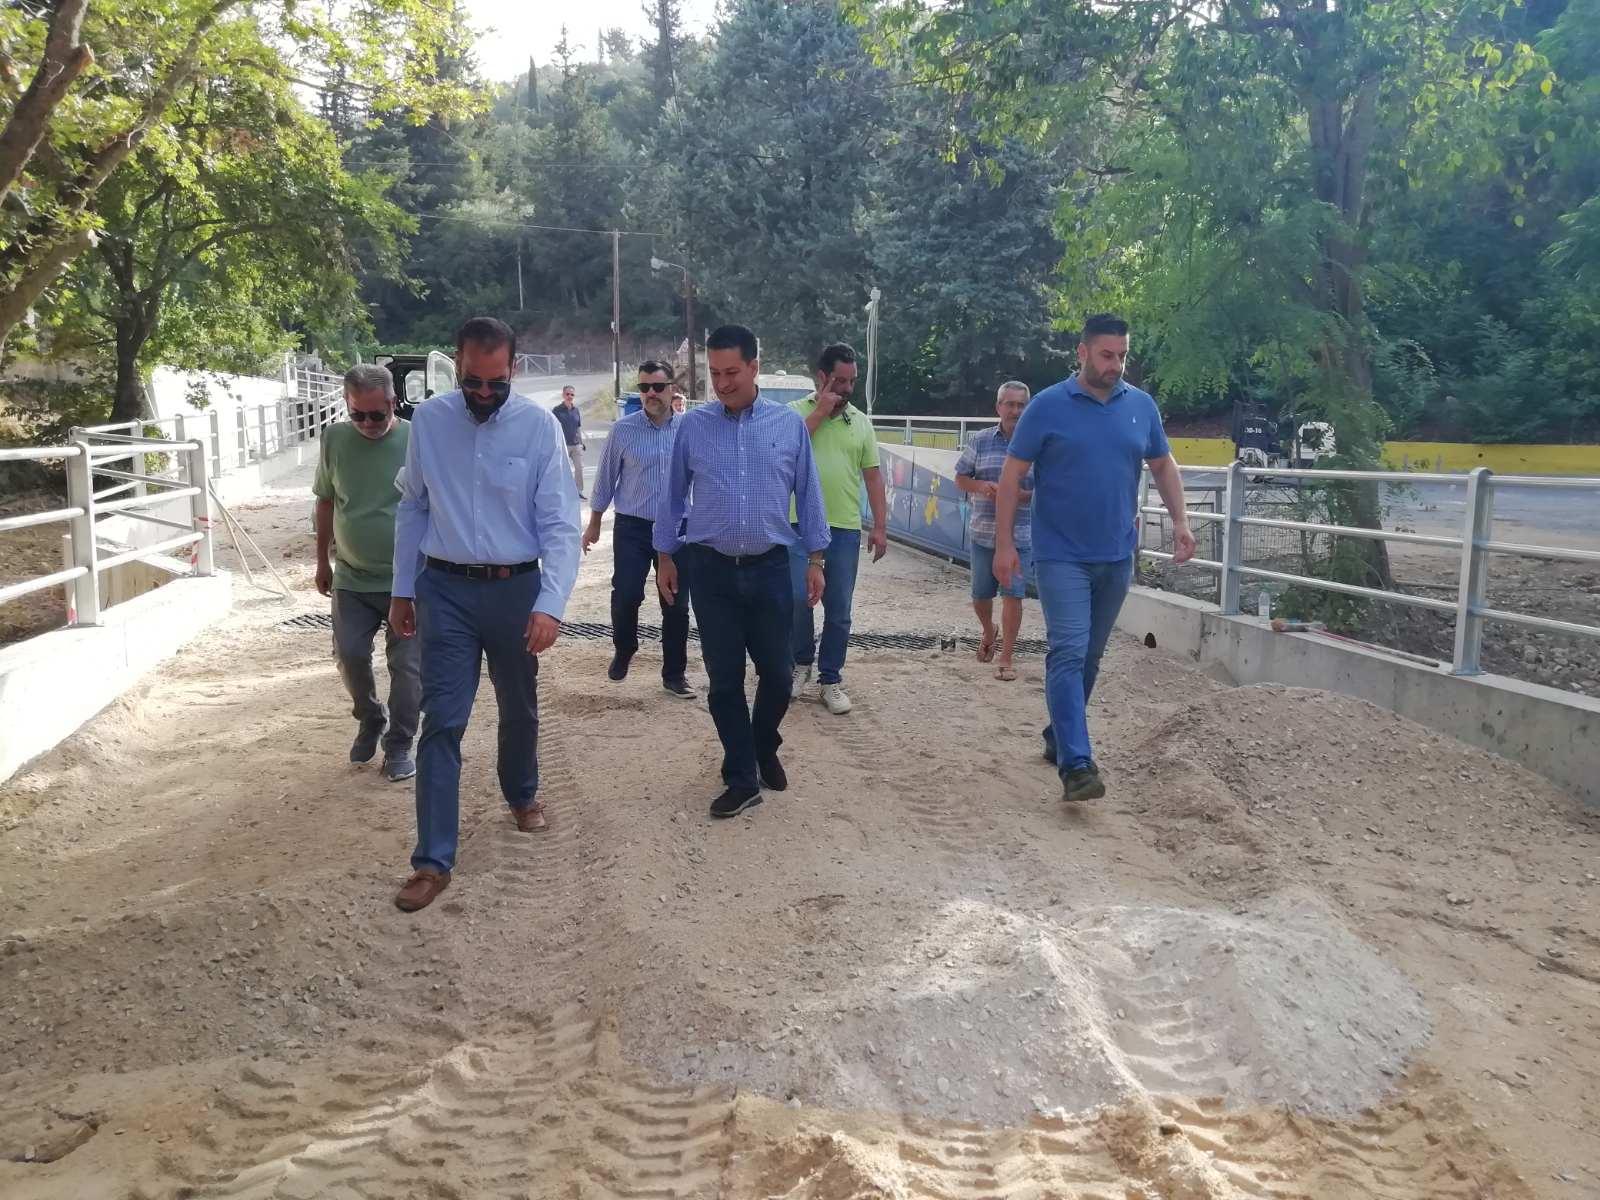 Αγρίνιο: Ο Φαρμάκης στο γεφύρι στα Δύο Ρέματα που ανακατασκευάστηκε